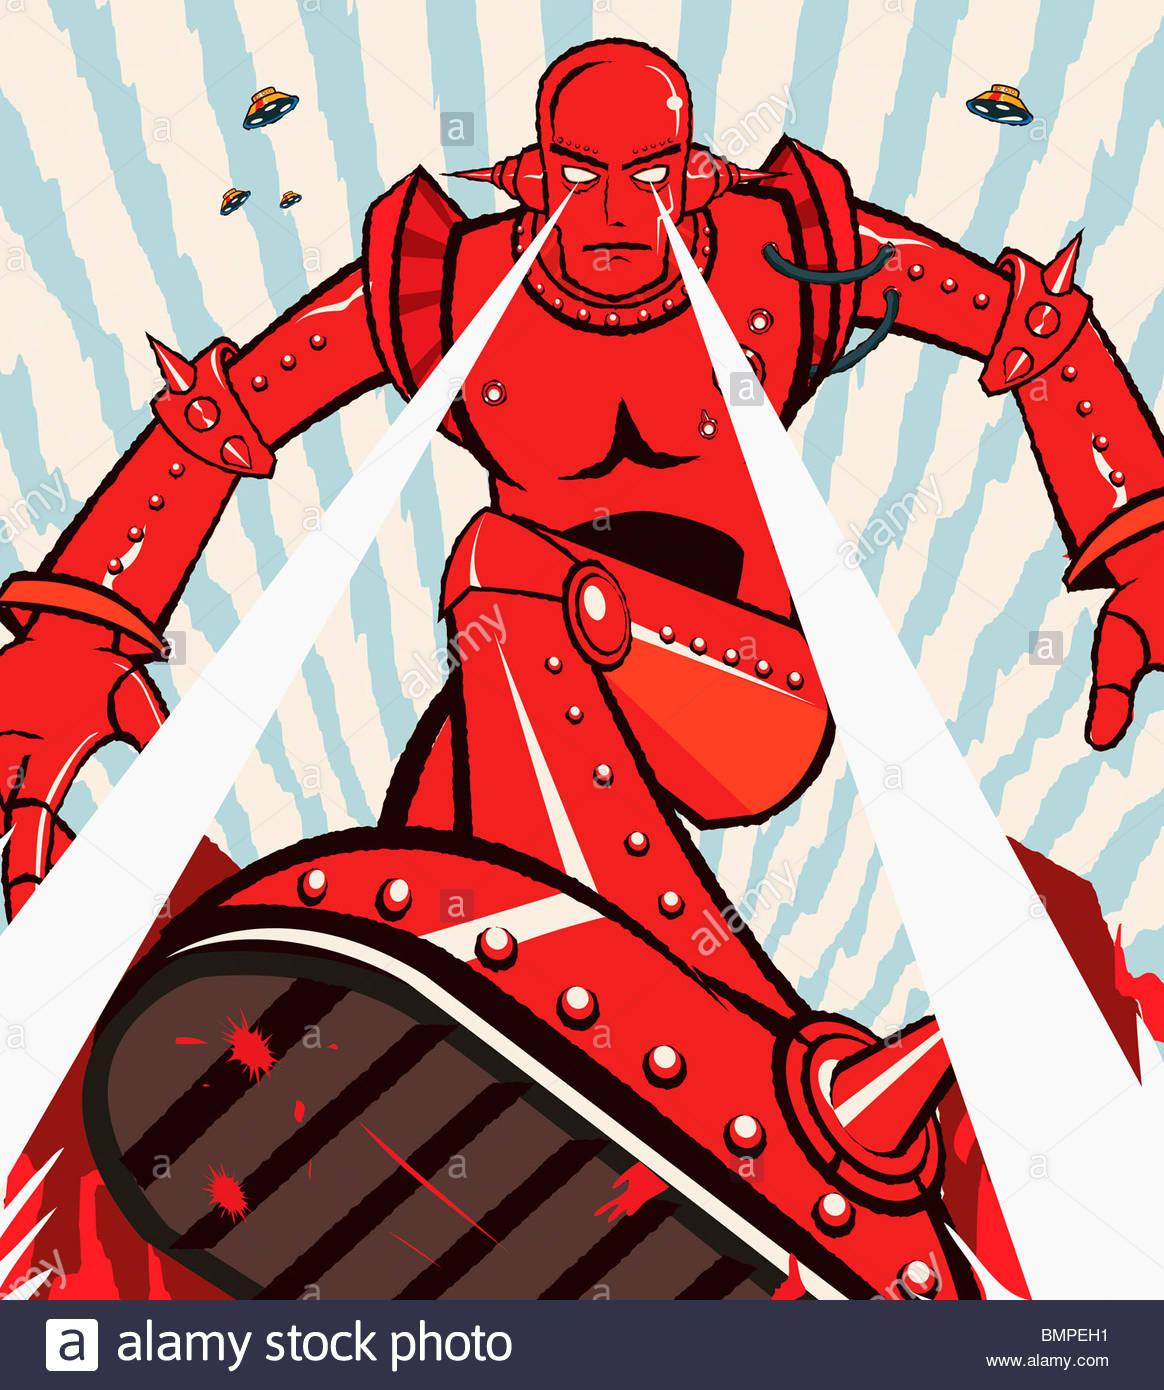 Robot rosso che attacca con travi a vista dagli occhi Immagini Stock